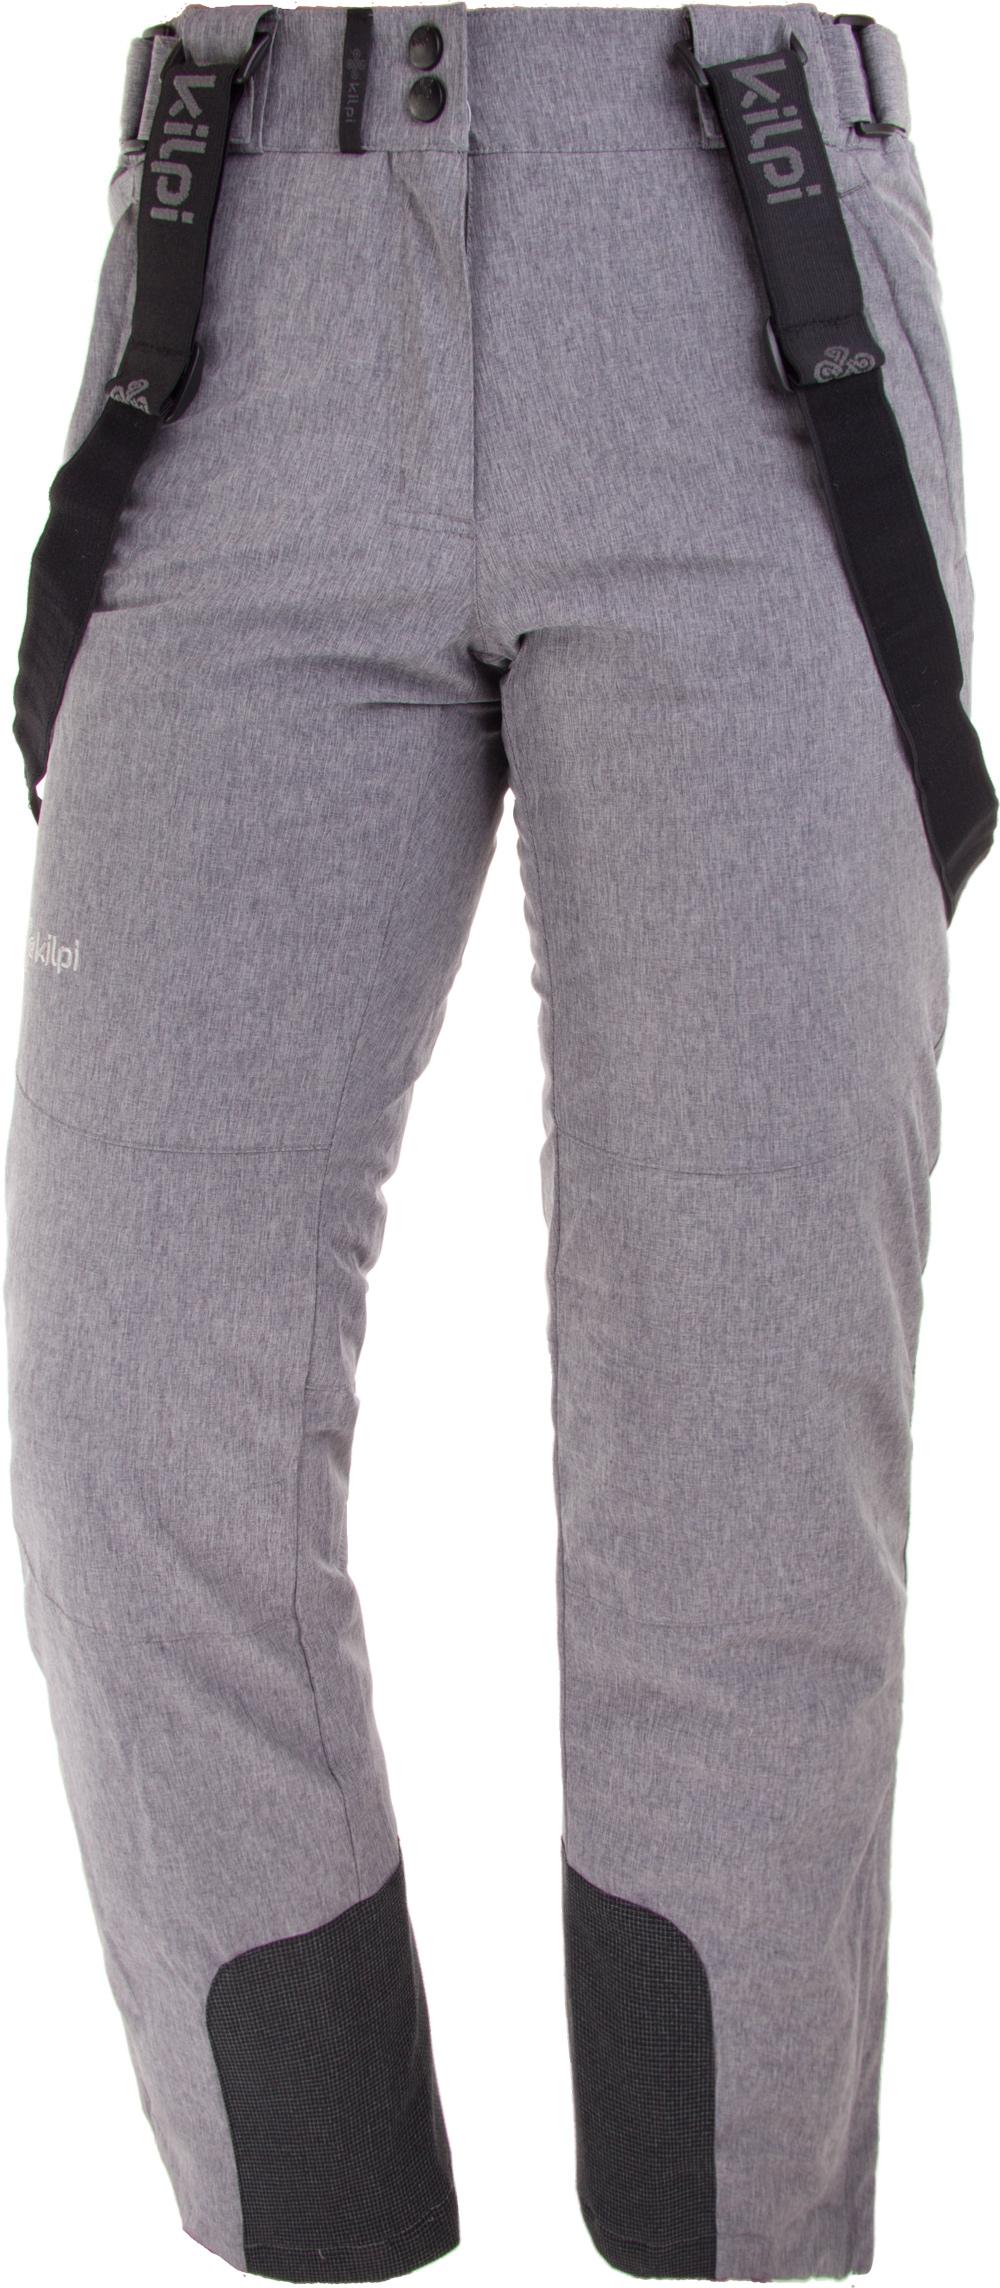 Lyžařské kalhoty dámské Kilpi ALIN-W